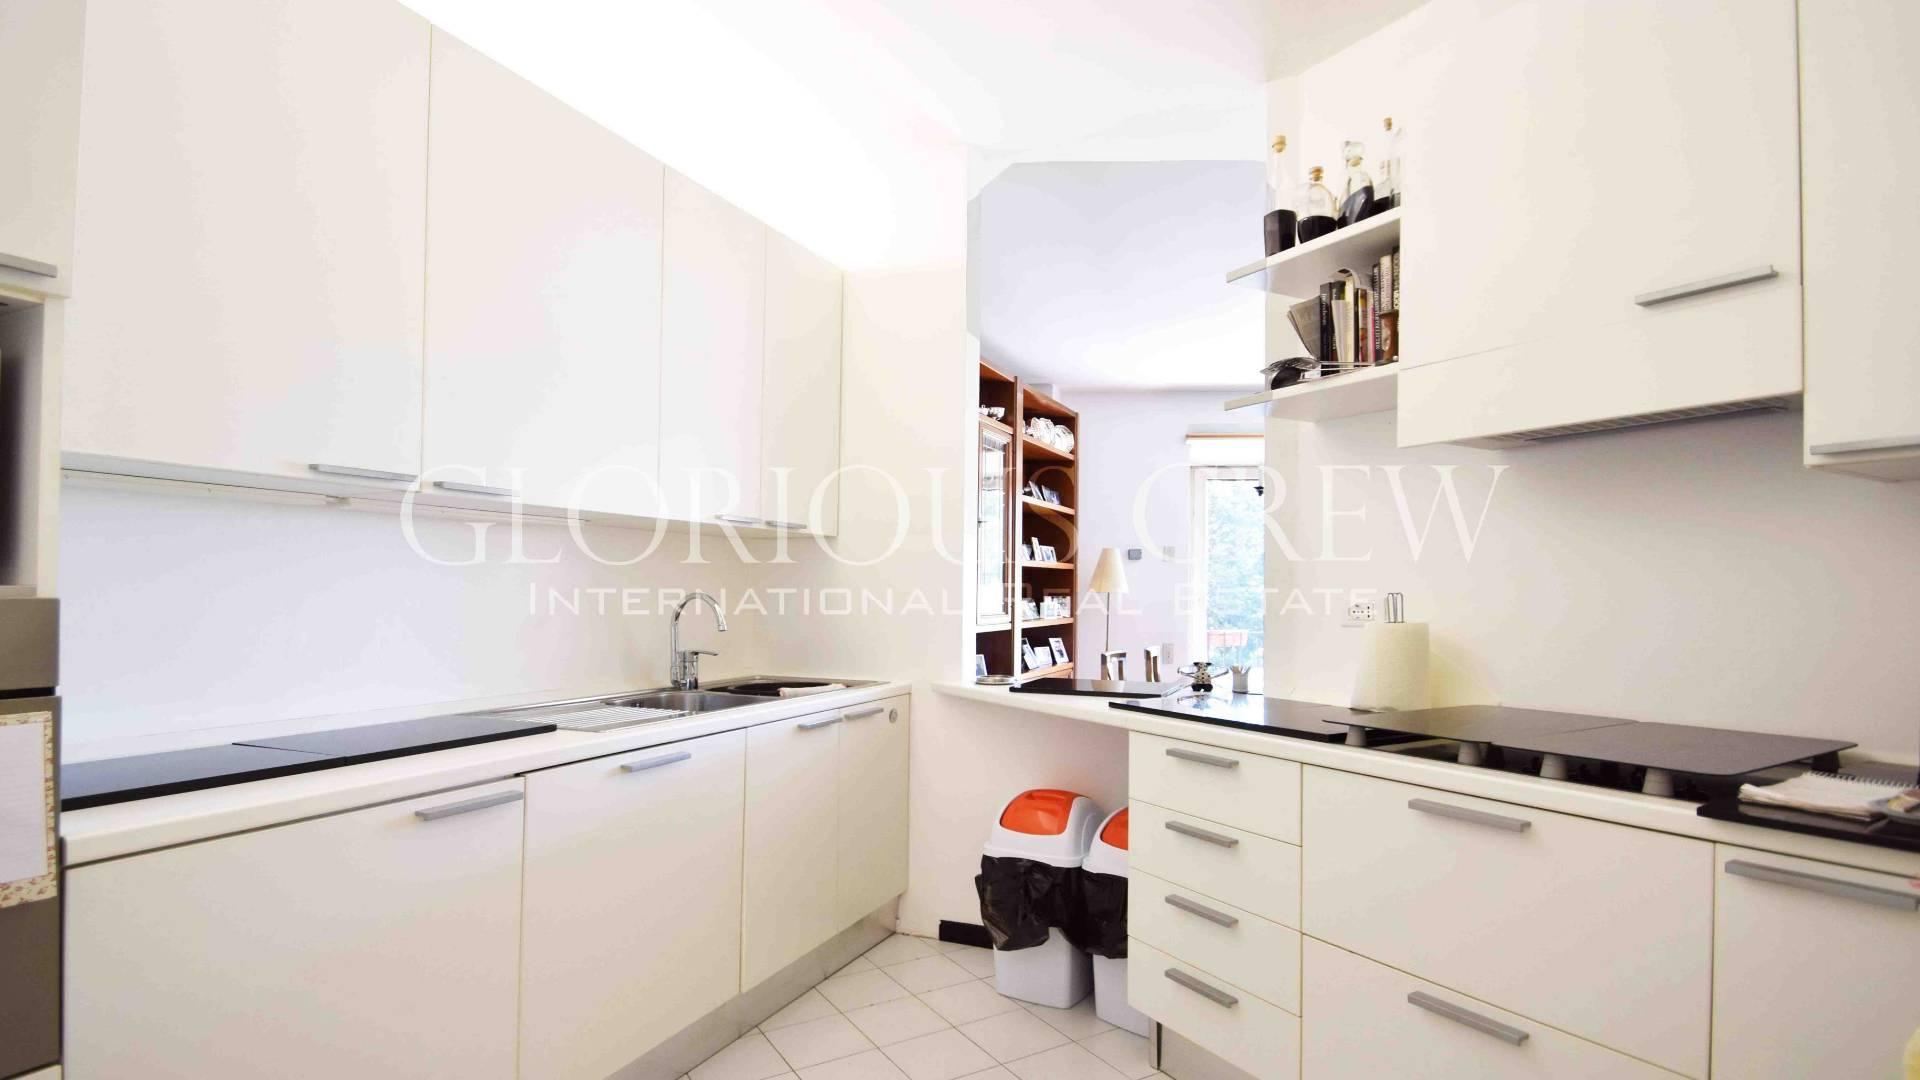 Appartamento in Vendita a Cassina Rizzardi: 4 locali, 155 mq - Foto 13